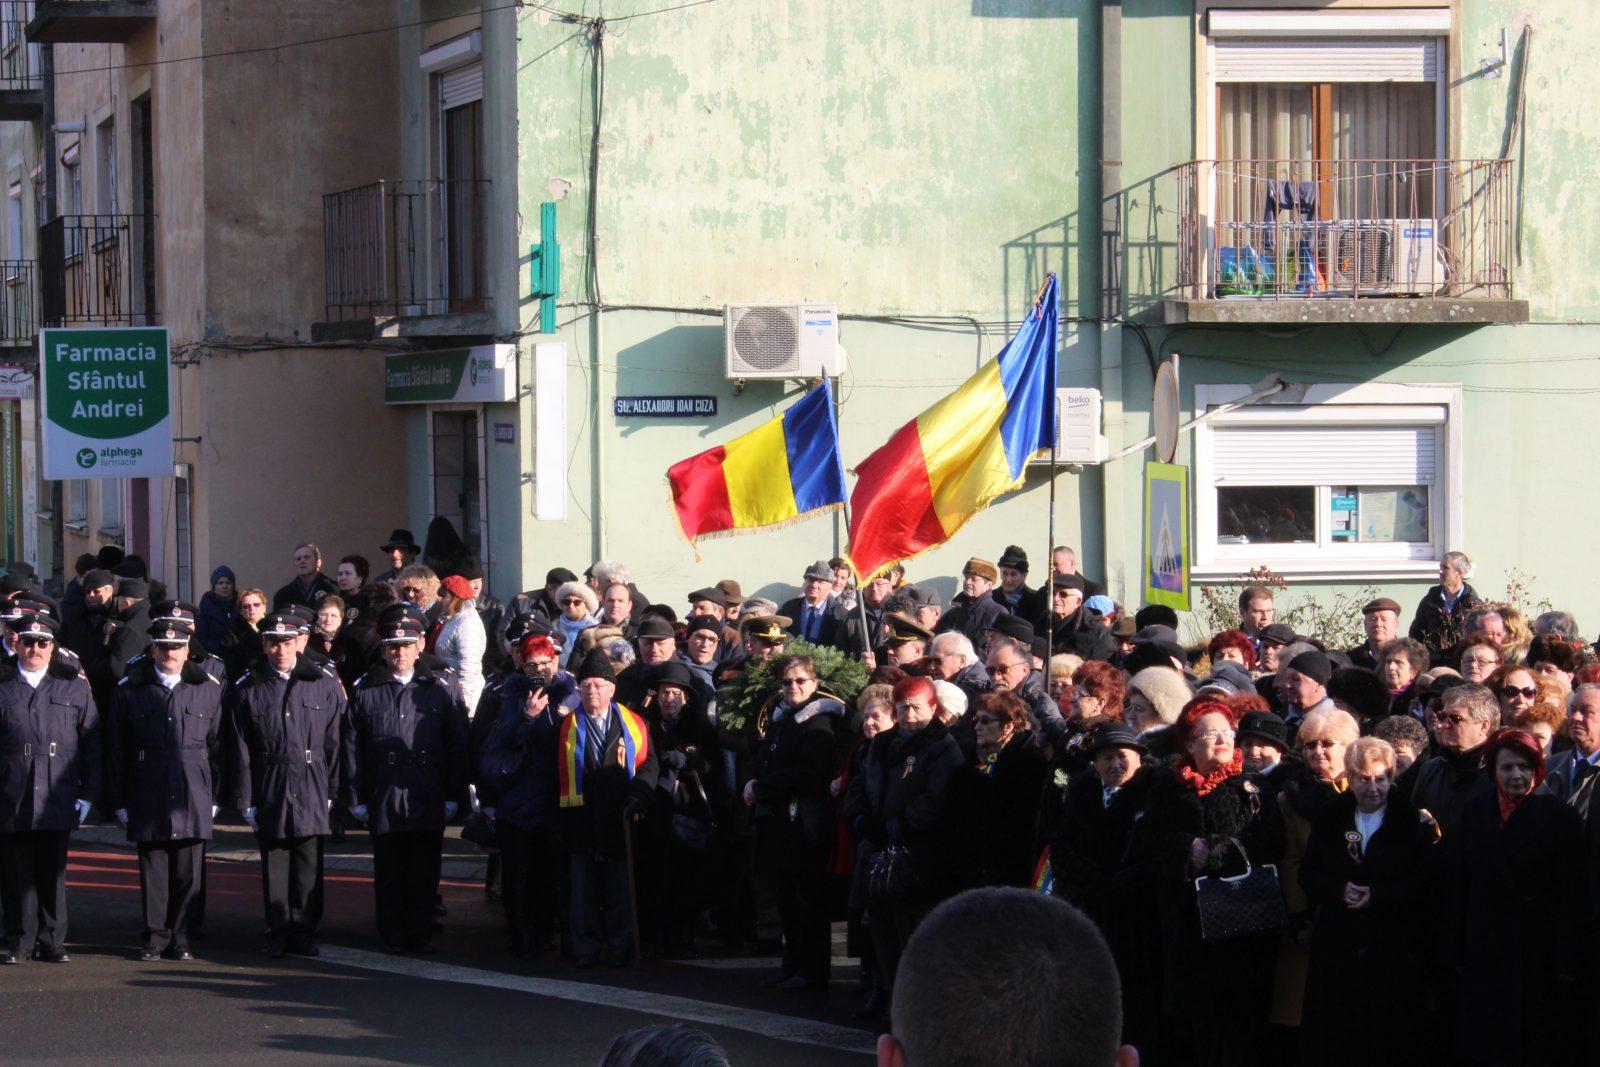 FOTO&VIDEO   De Mica Unire s-a format una dintre cele mai hore din Satu Mare, în fața statuii lui Alexandru Ioan Cuza